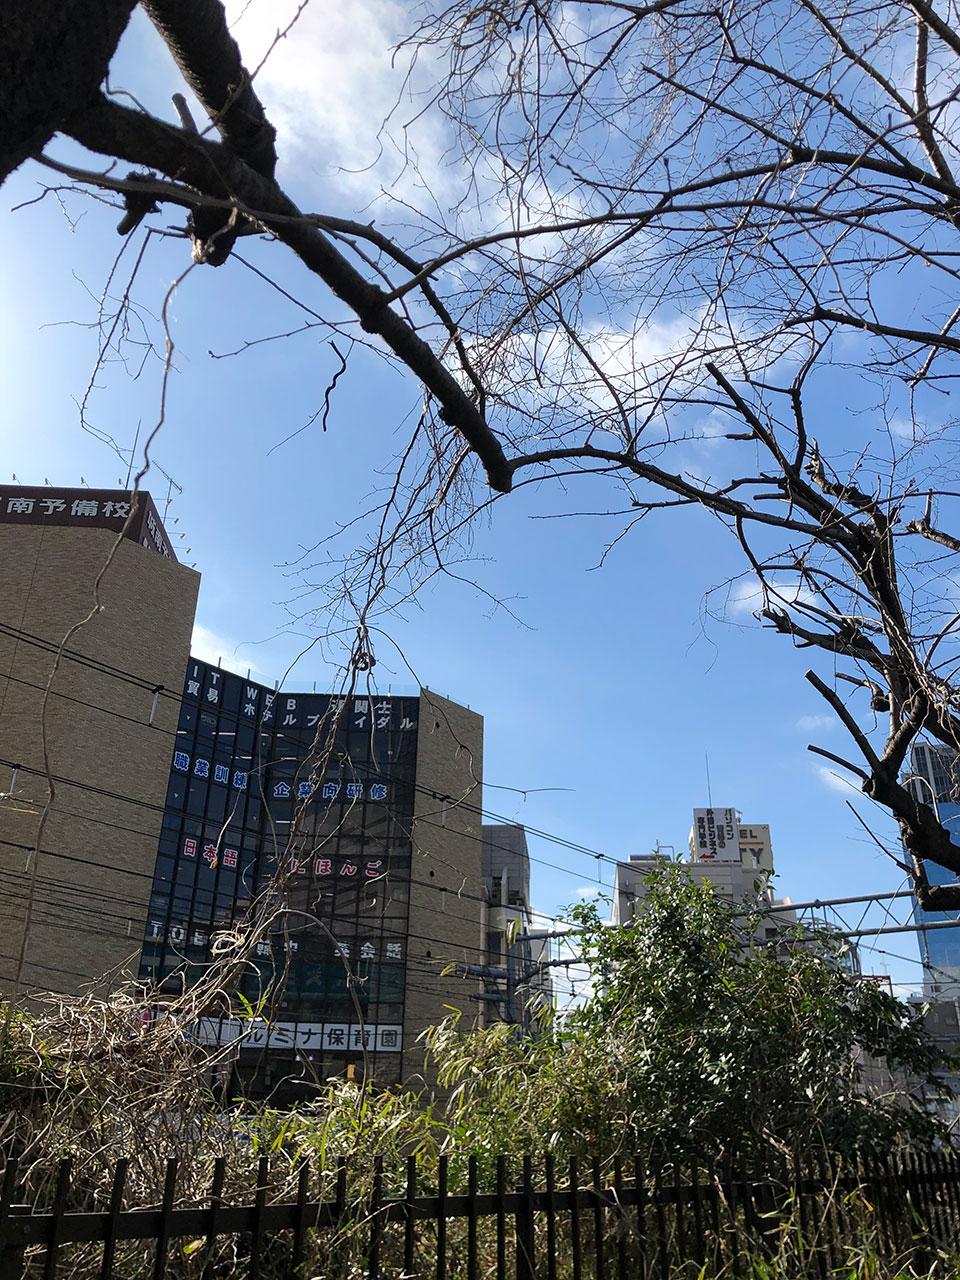 越境してきた葛の蔓と伐採された桜の枝